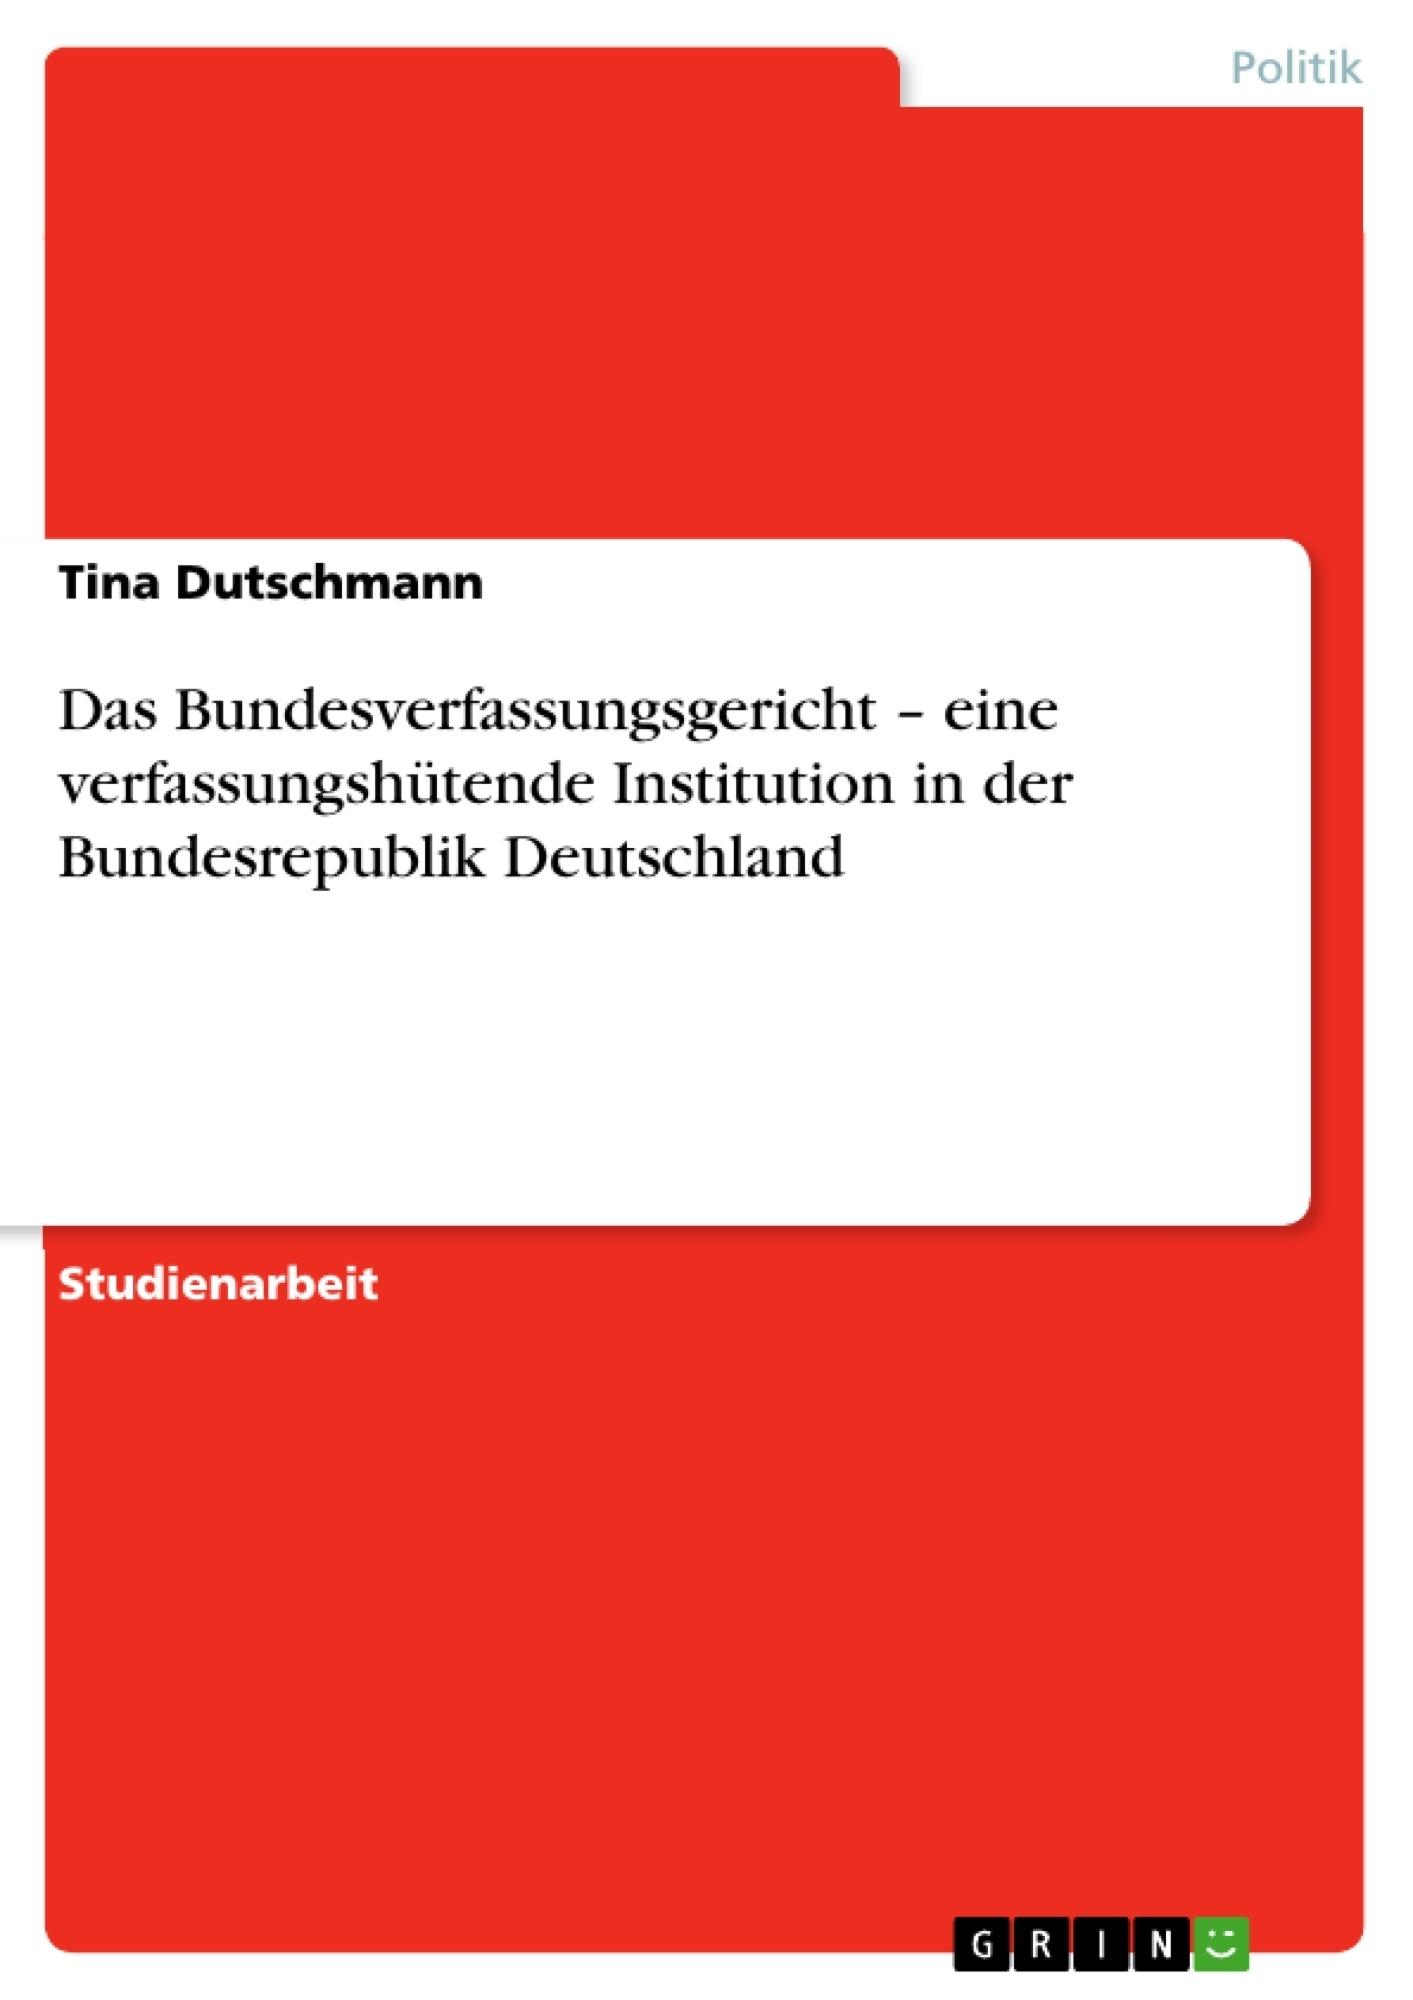 Titel: Das Bundesverfassungsgericht – eine verfassungshütende Institution in der Bundesrepublik Deutschland